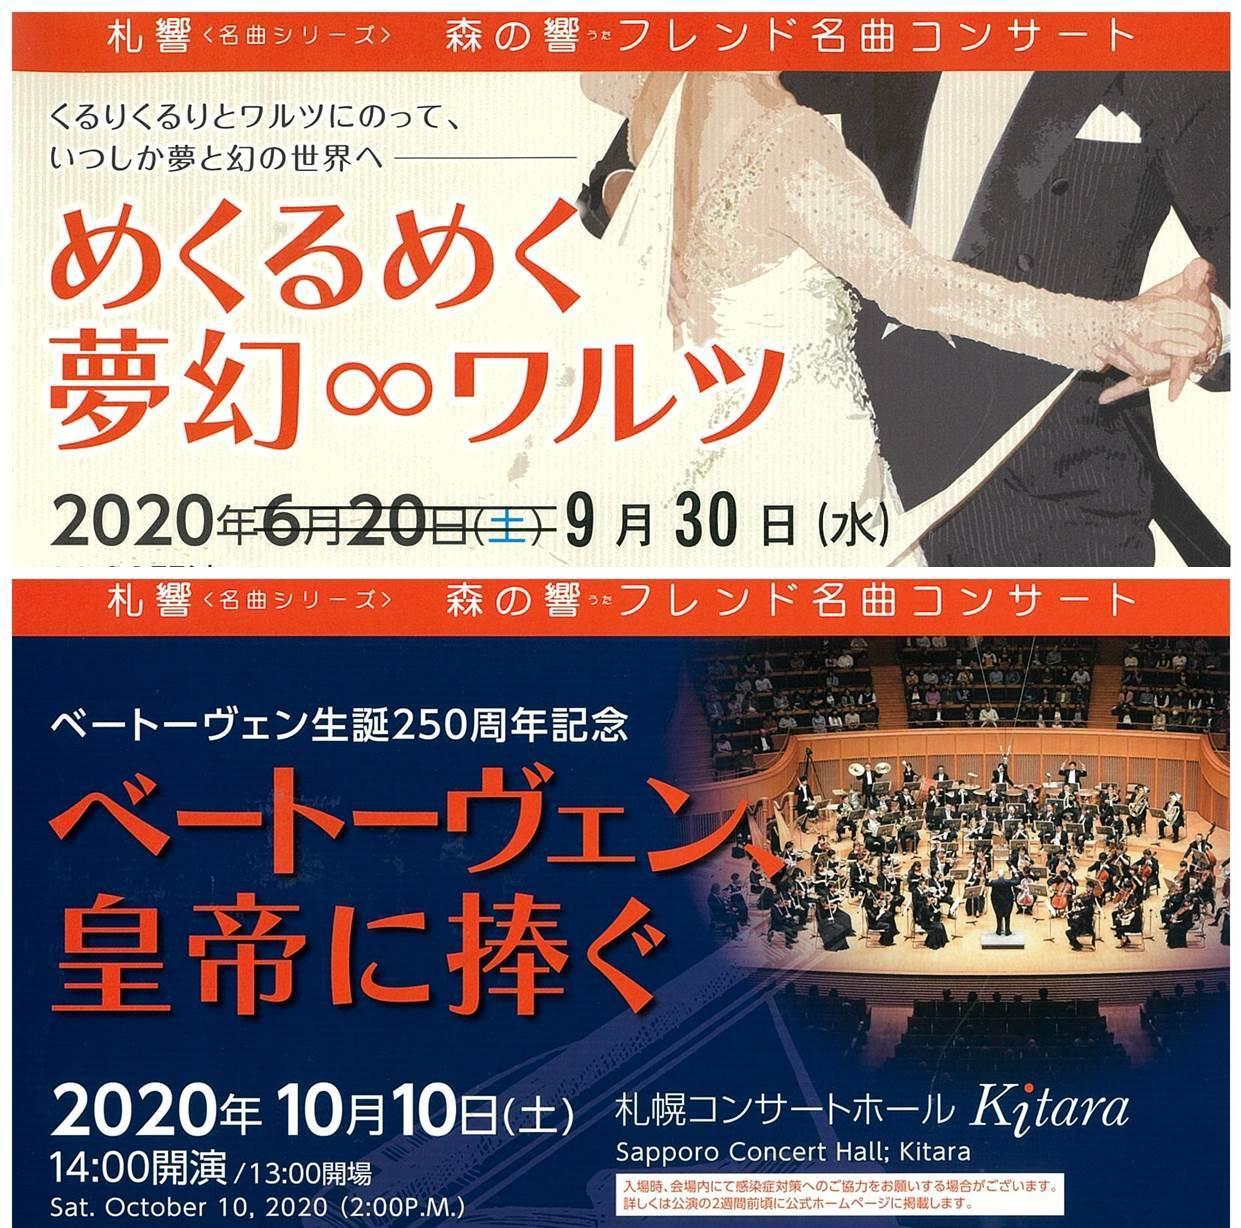 【追加販売・座席制限】9~10月『札響名曲コンサート』のチケット追加販売と座席制限について